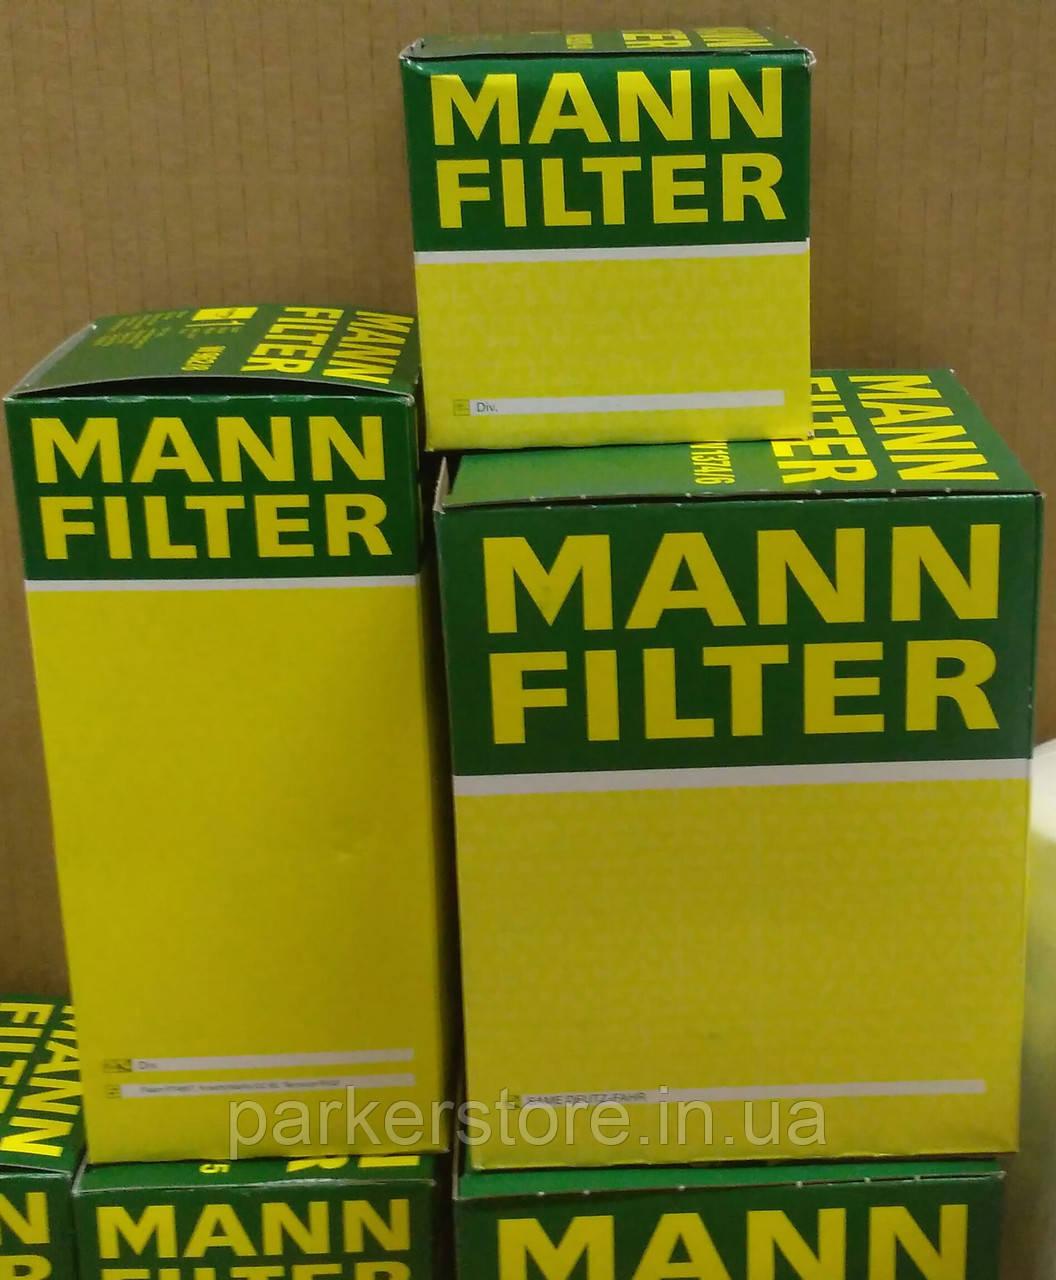 MANN FILTER / Повітряний фільтр / C 2676 / C2676